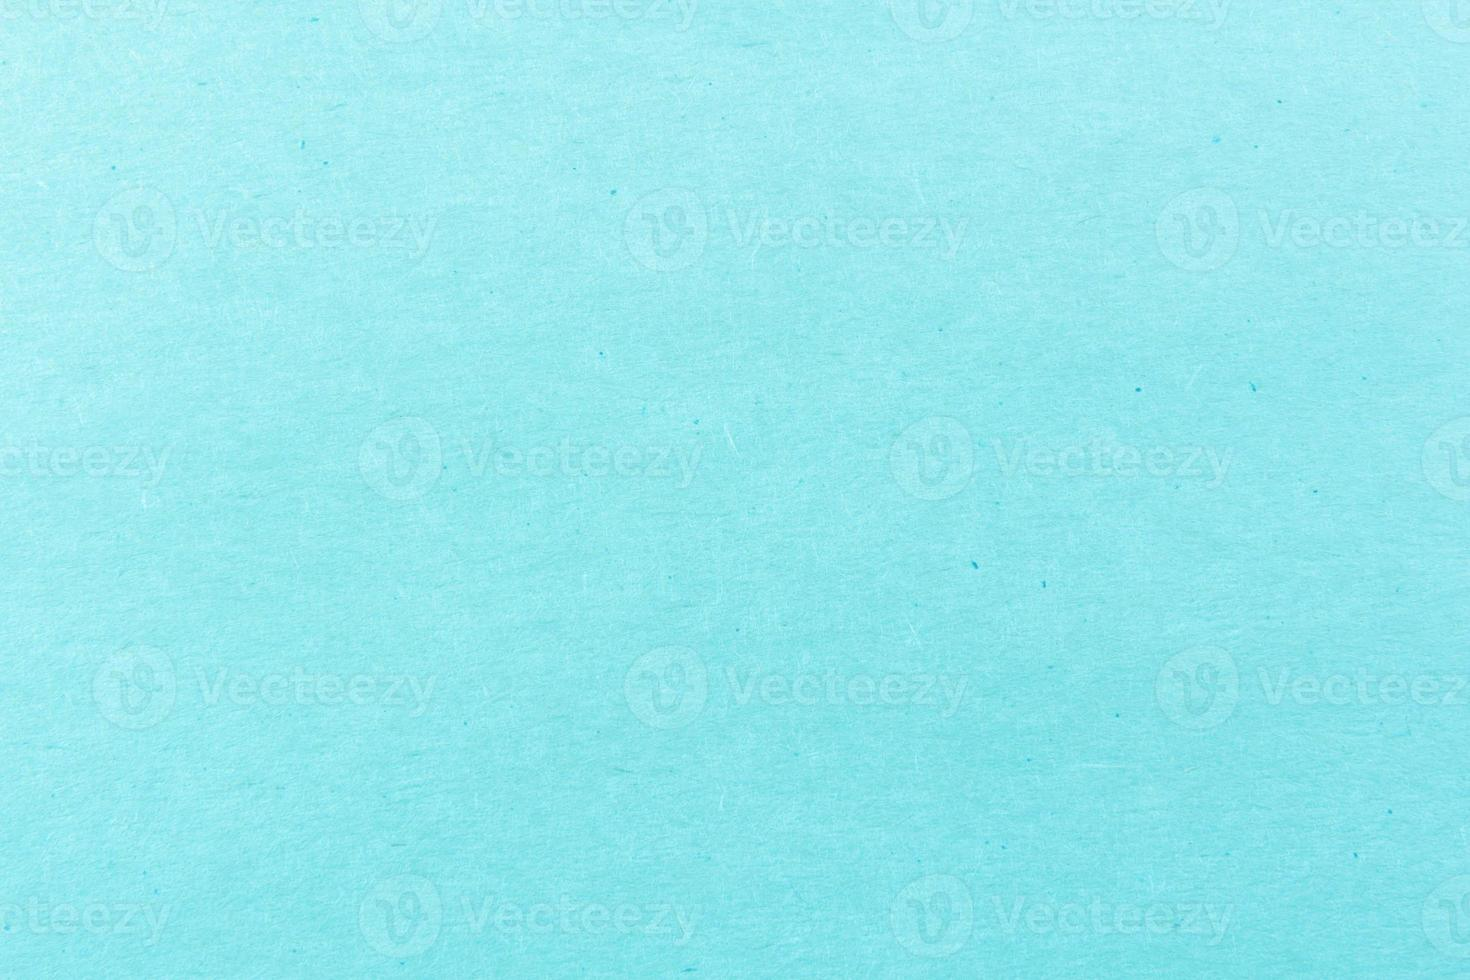 Gros plan du motif de texture de papier bleu clair pour le fond photo